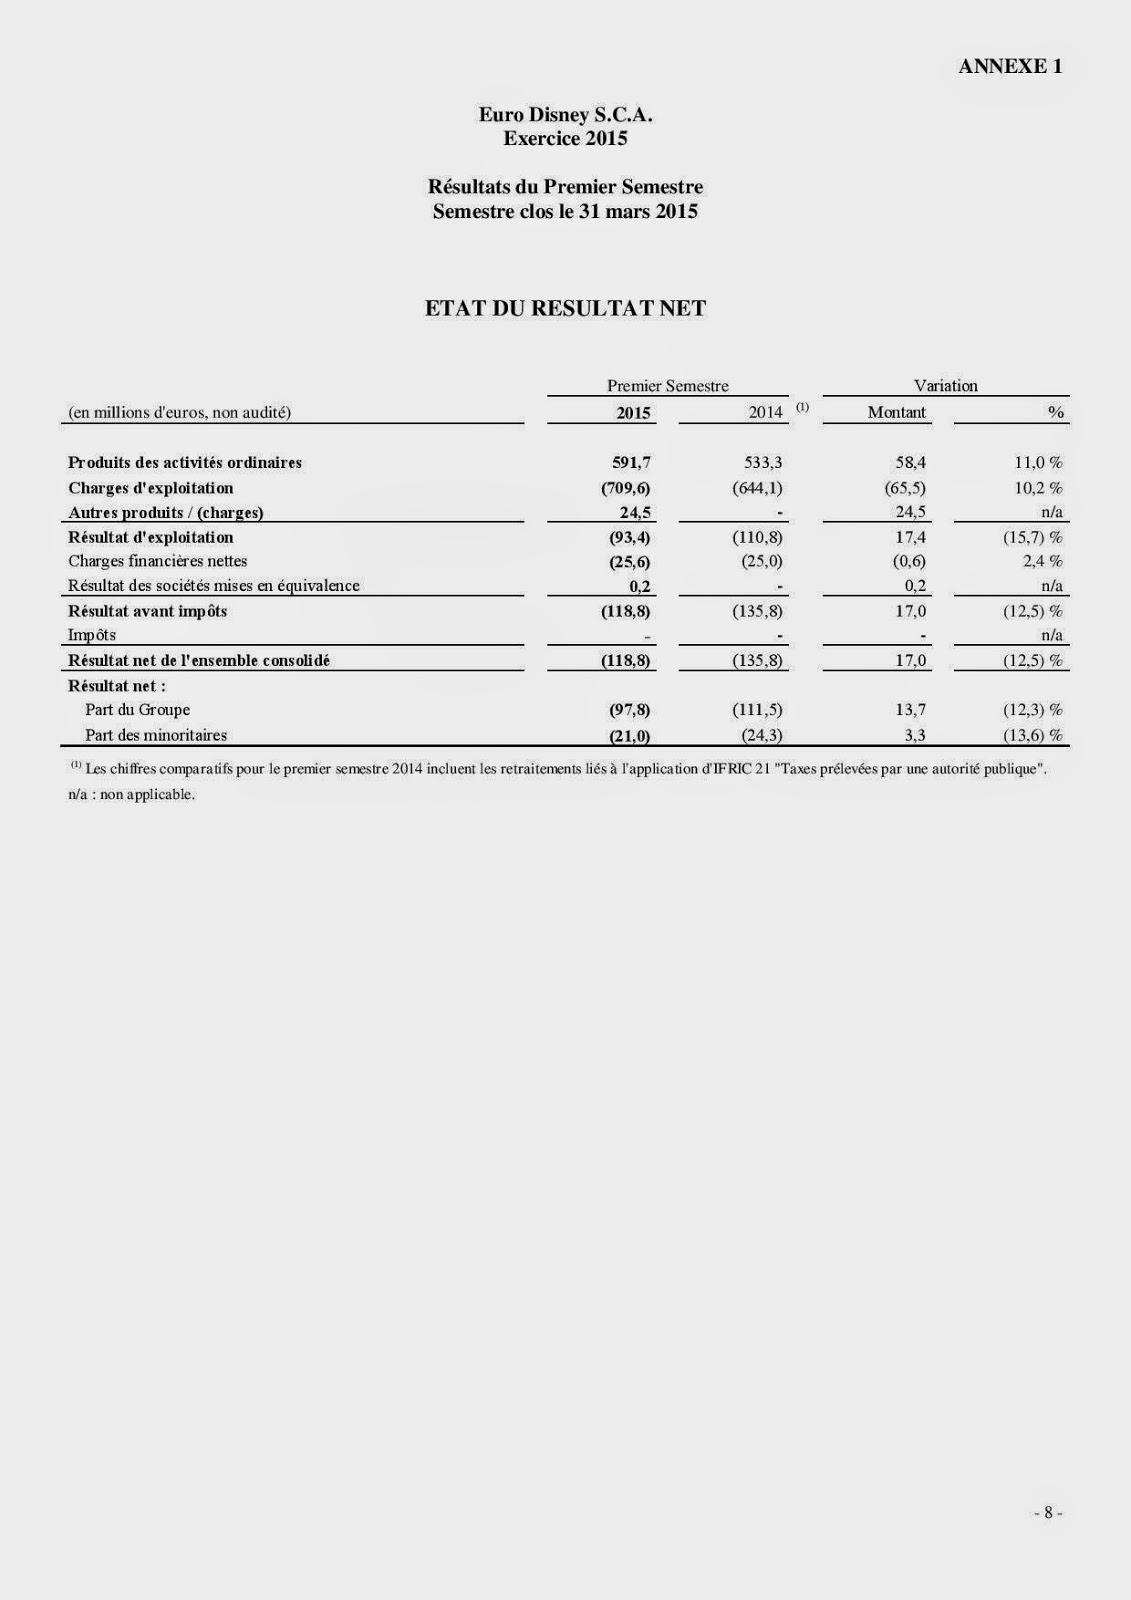 Annonce des résultats Eurodisney SCA du 1er semestre 2015 (le 5 mai 2015) Tmp_12968-tmp_12968-fr-2015-05-05-Q2-S1-FY15-Premier-semestre-347101644-page-008-1868041798